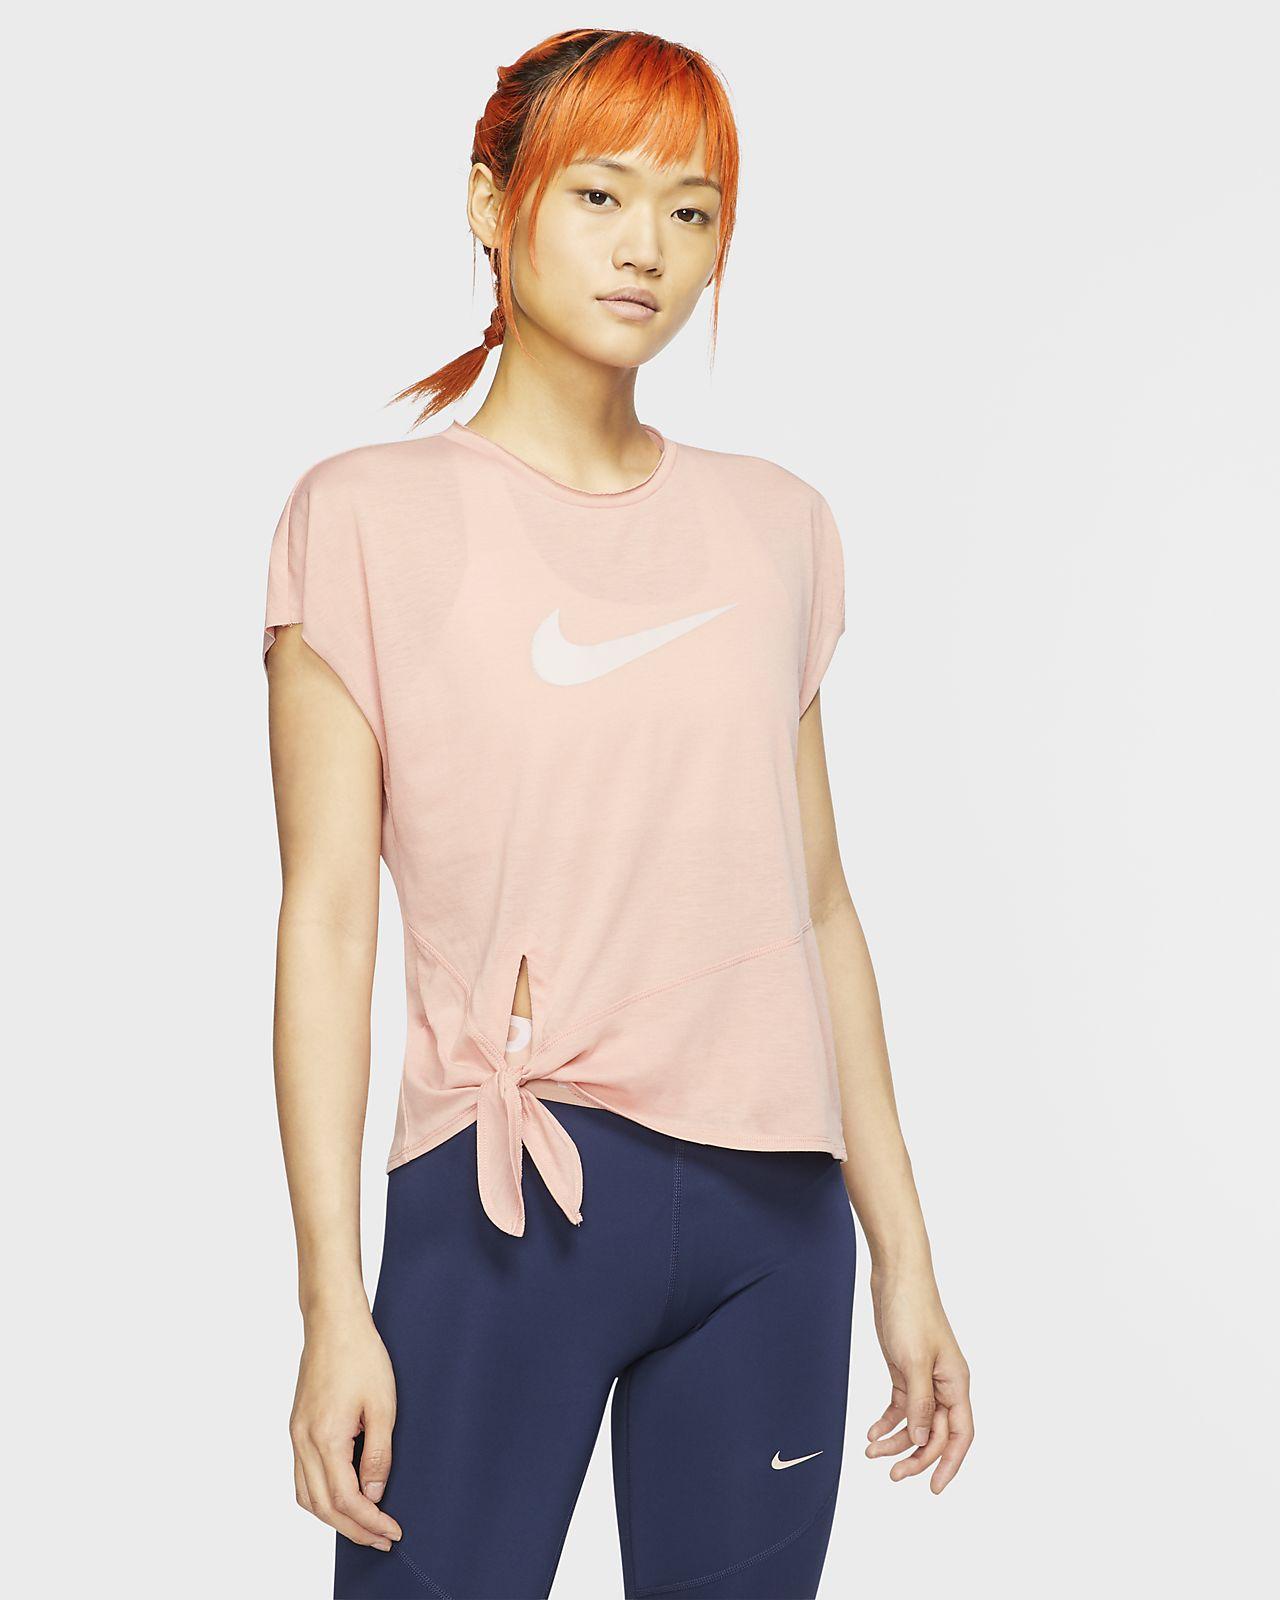 Nike Dri-FIT Kısa Kollu Kadın Antrenman Üstü